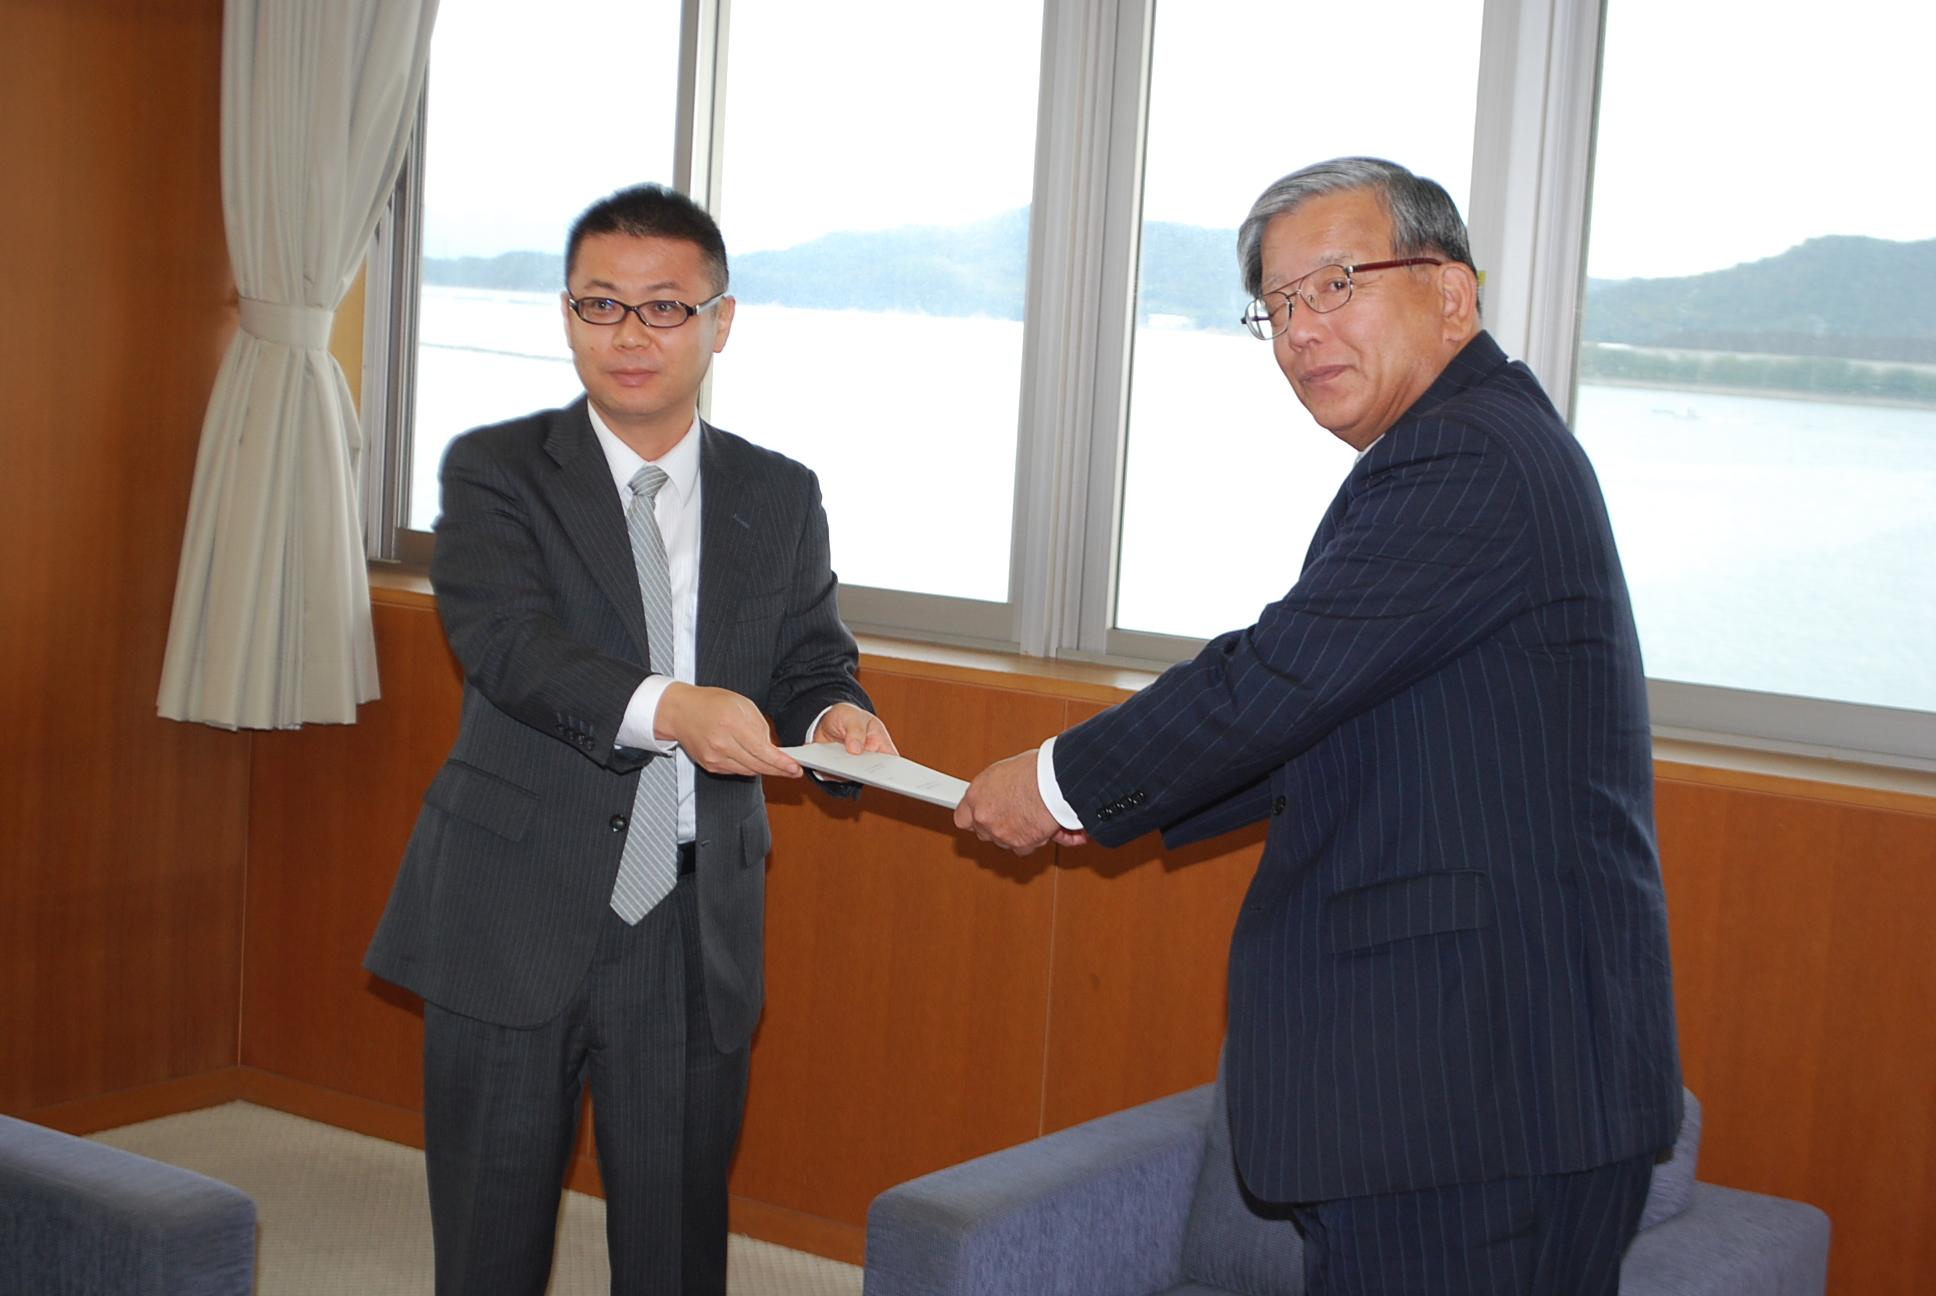 大山市長に報告書を手渡して、評価結果について報告